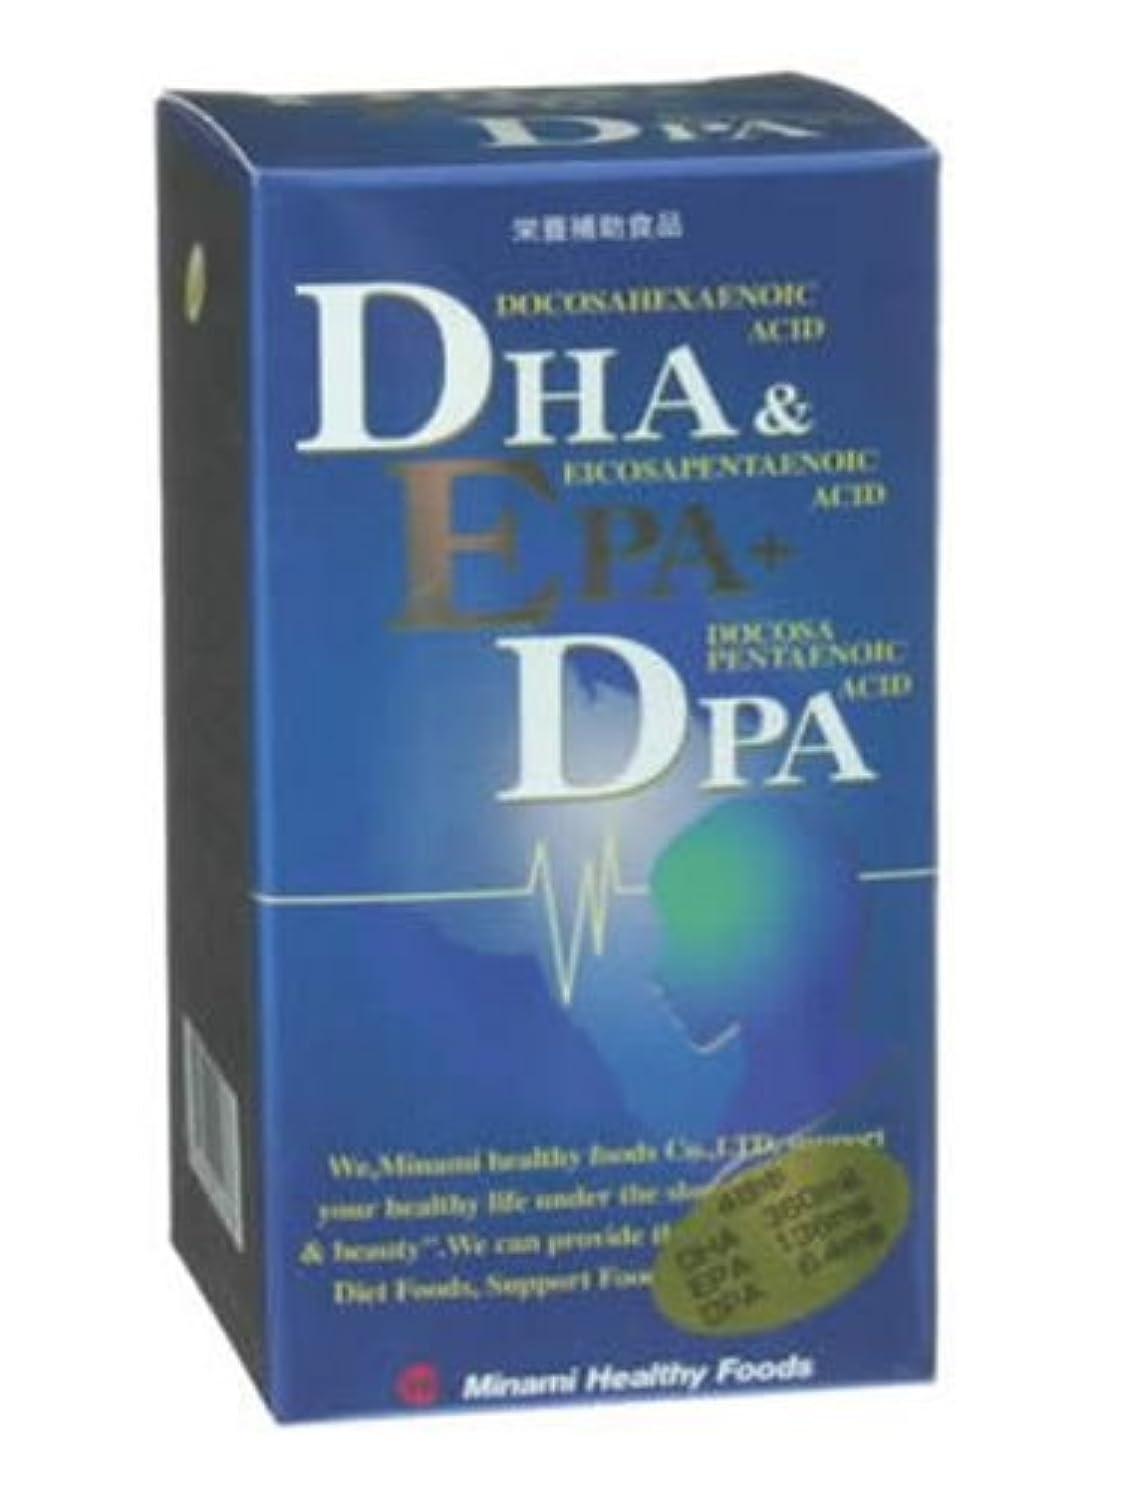 シェフ段階救出DHA&EPA+DPA 120粒 約30日分